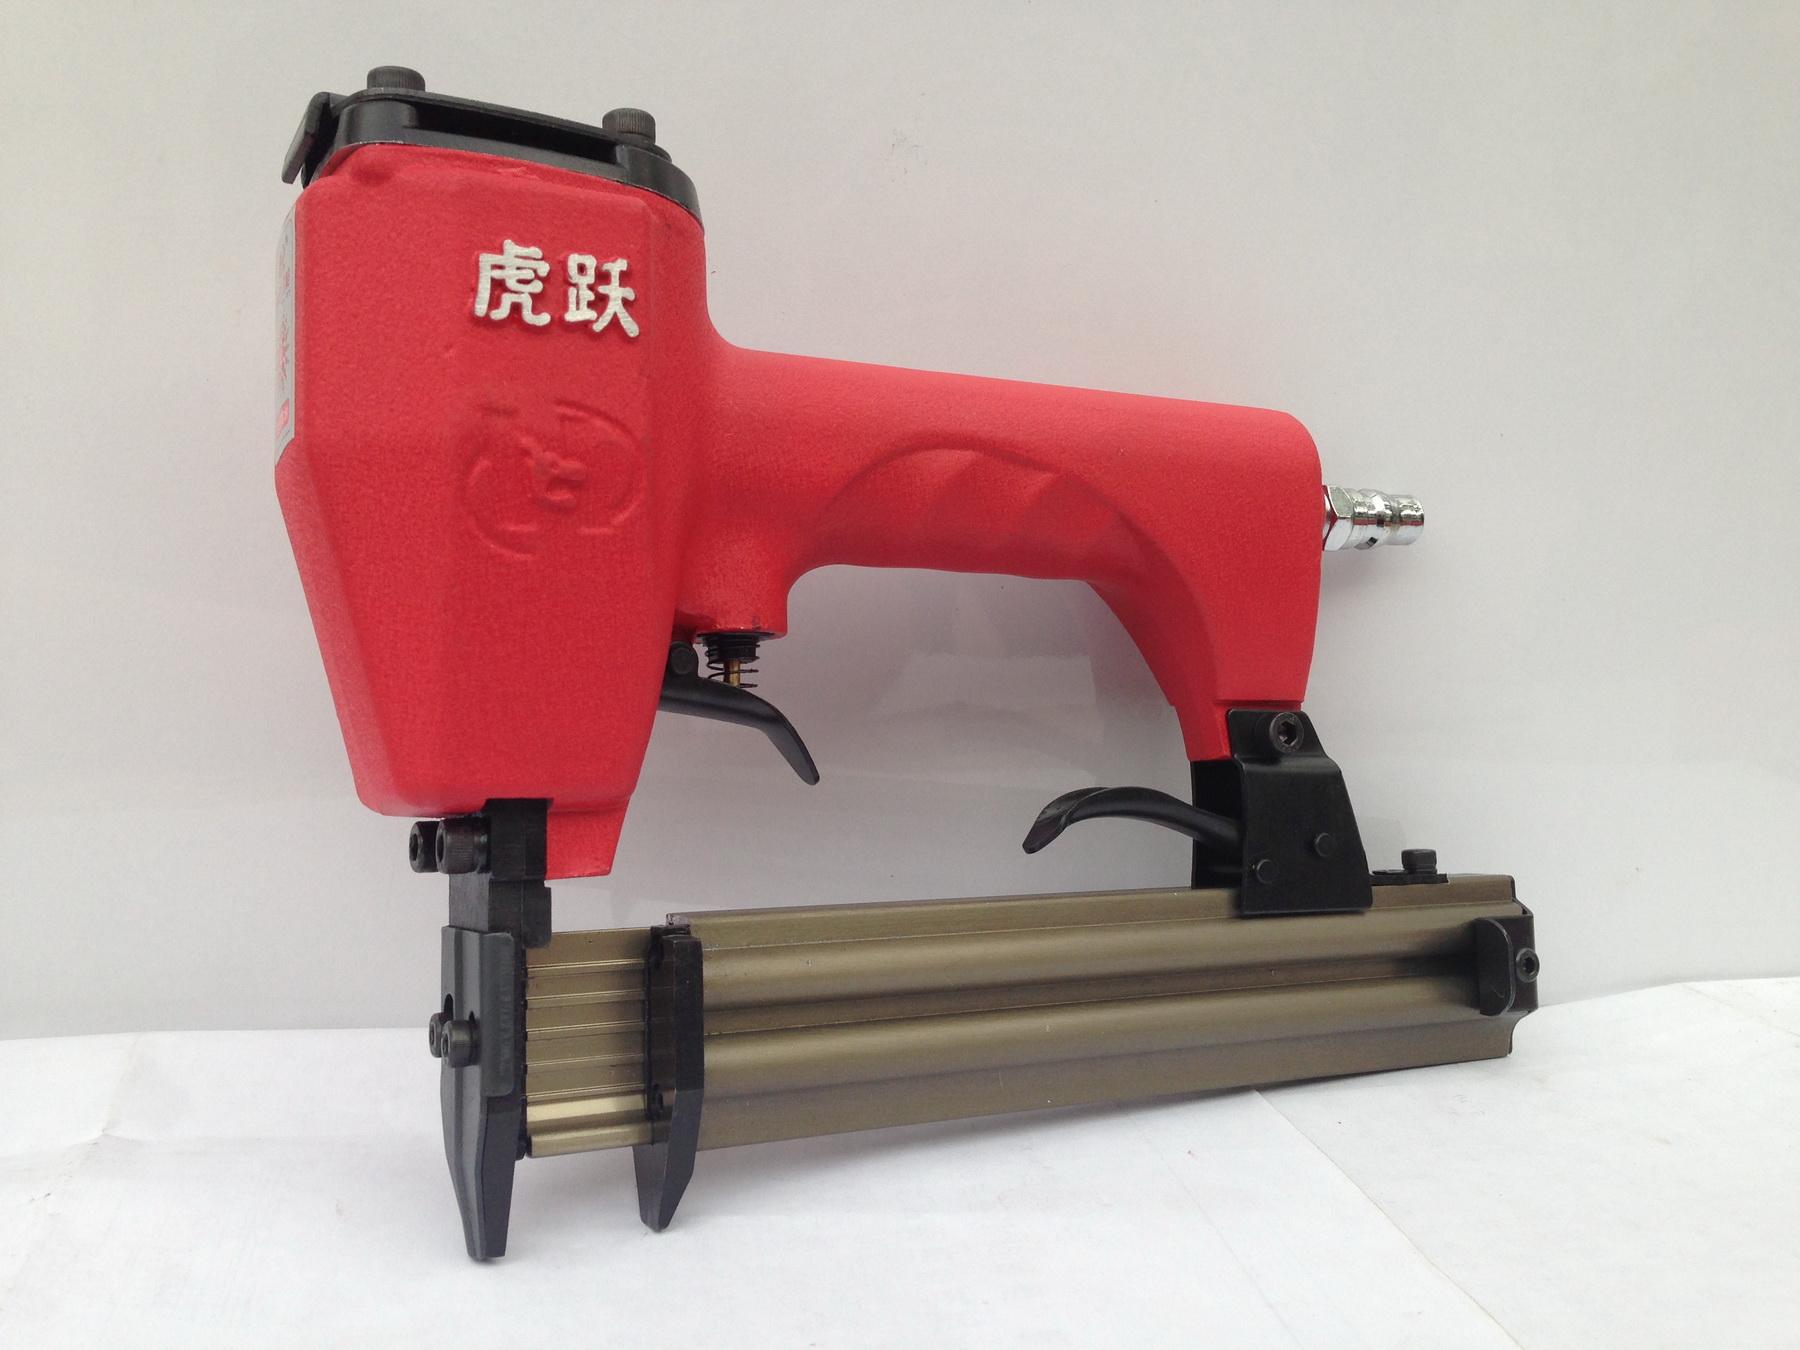 HUYUE Pneumatic Nail Gun ST64